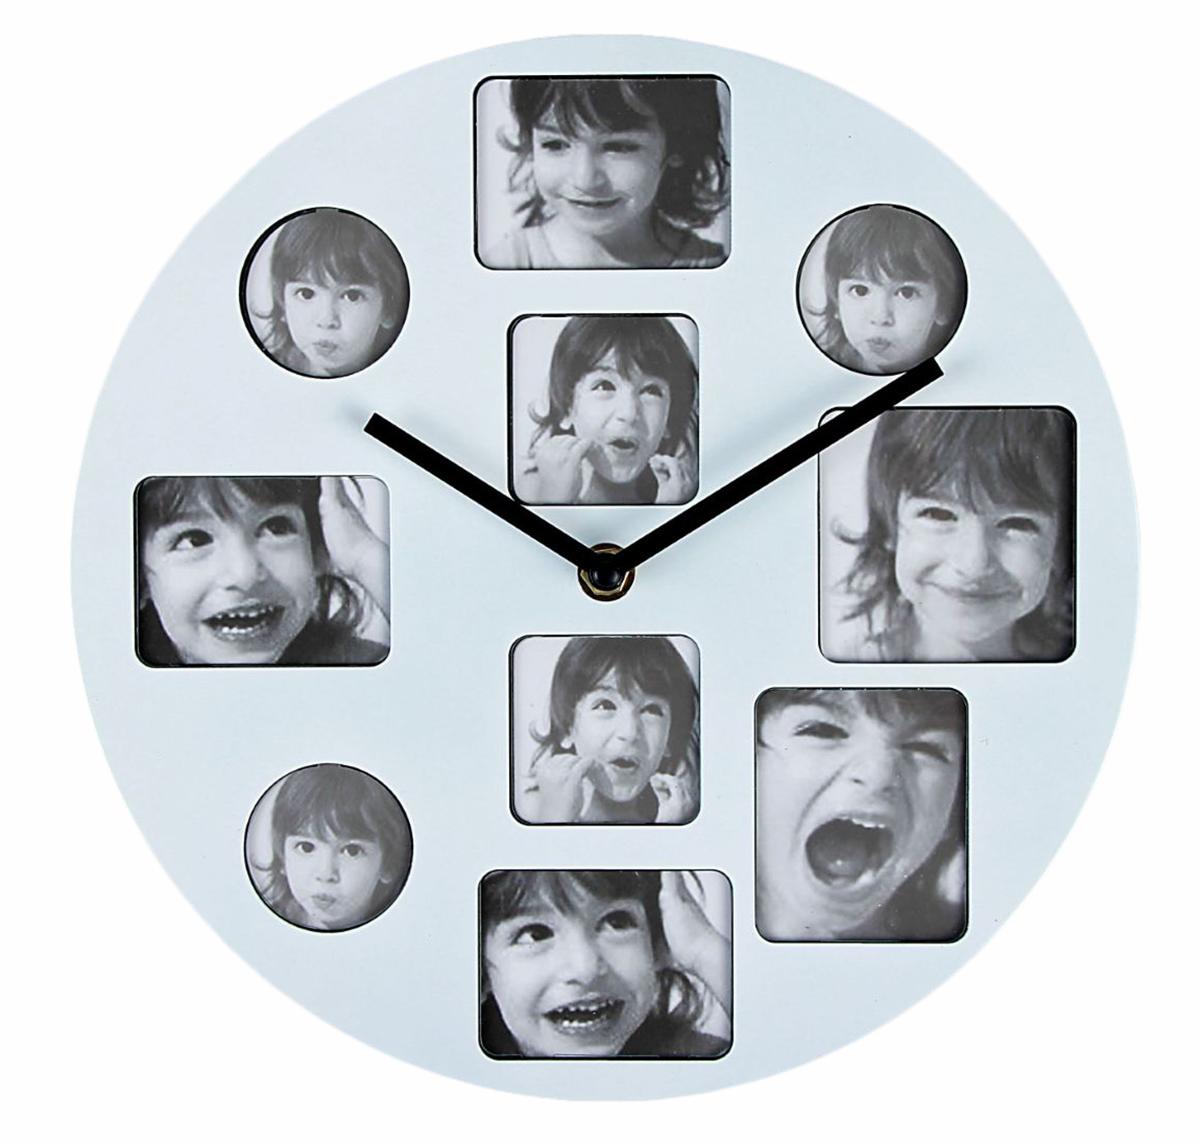 Часы настенные с 10 фоторамками, цвет: белый, диаметр 25 см настенные часы mikhail moskvin сирена круг 6 2